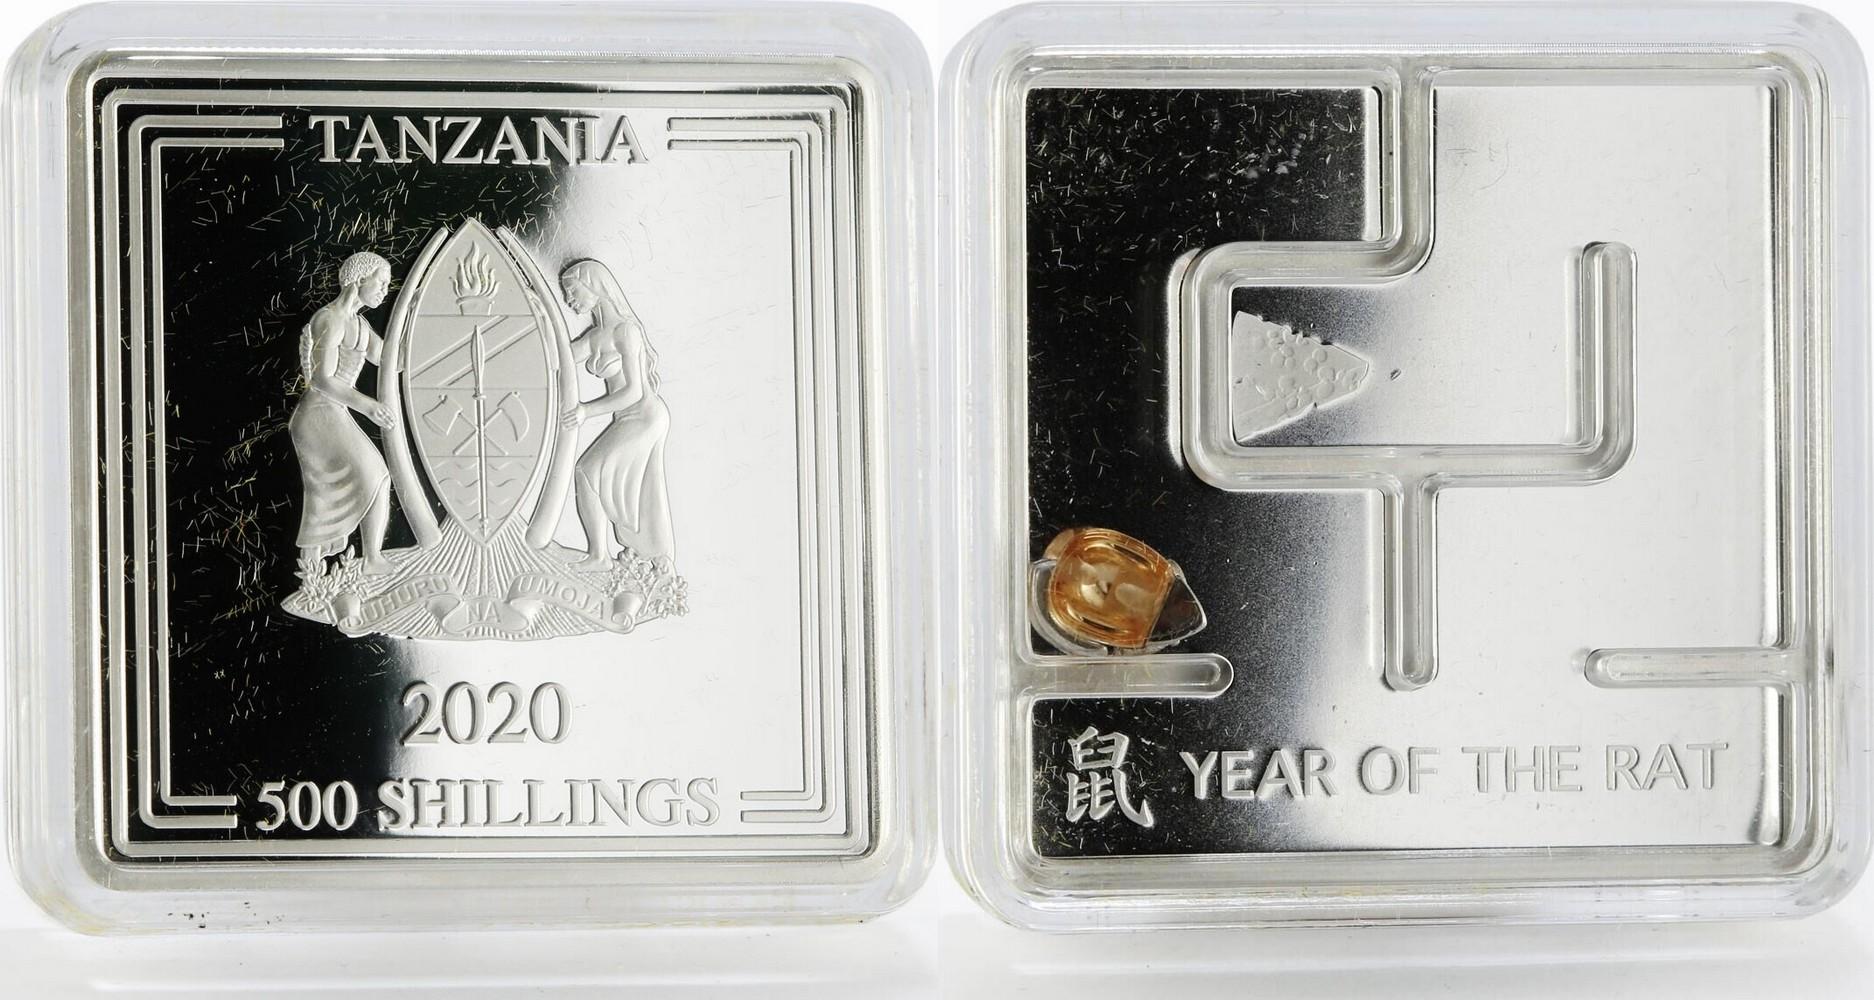 tanzanie-2020-annee-du-rat